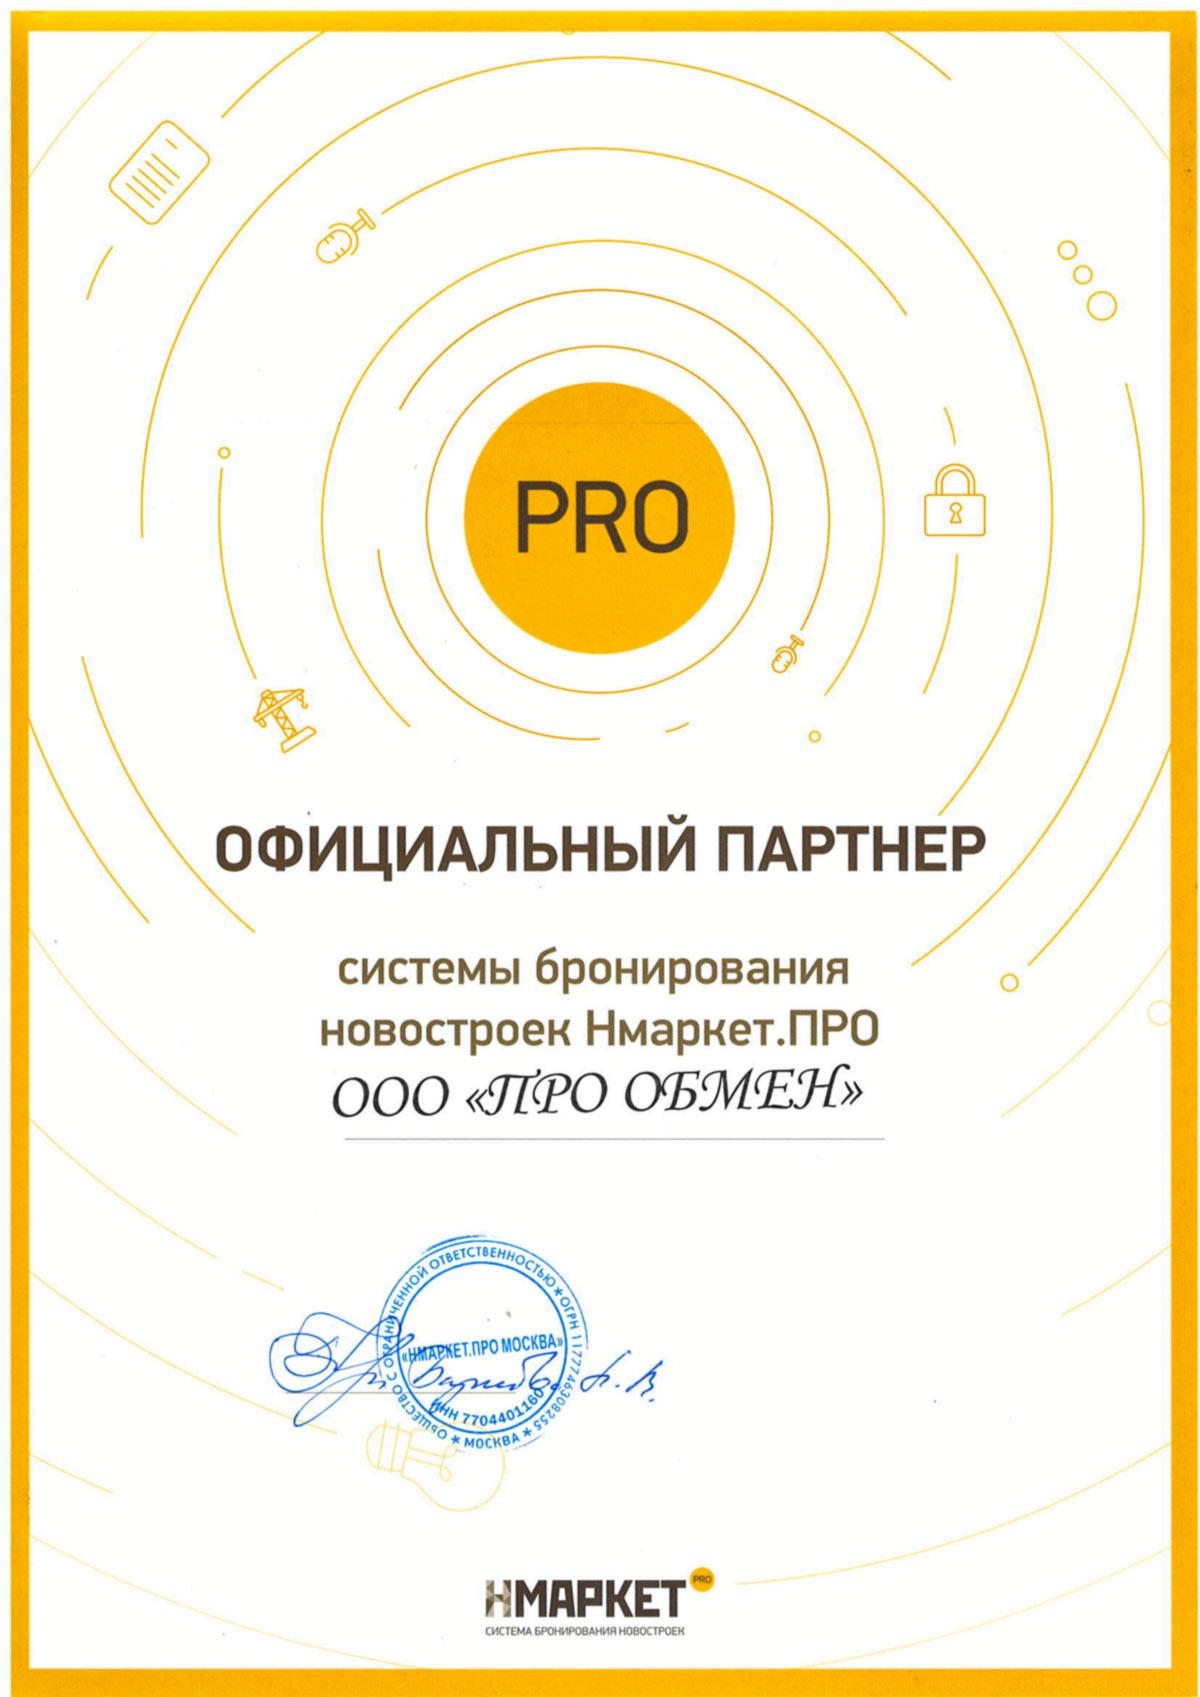 «PRO ОБМЕН» - официальный партнер системы бронирования новостроек «Нмаркет.ПРО»